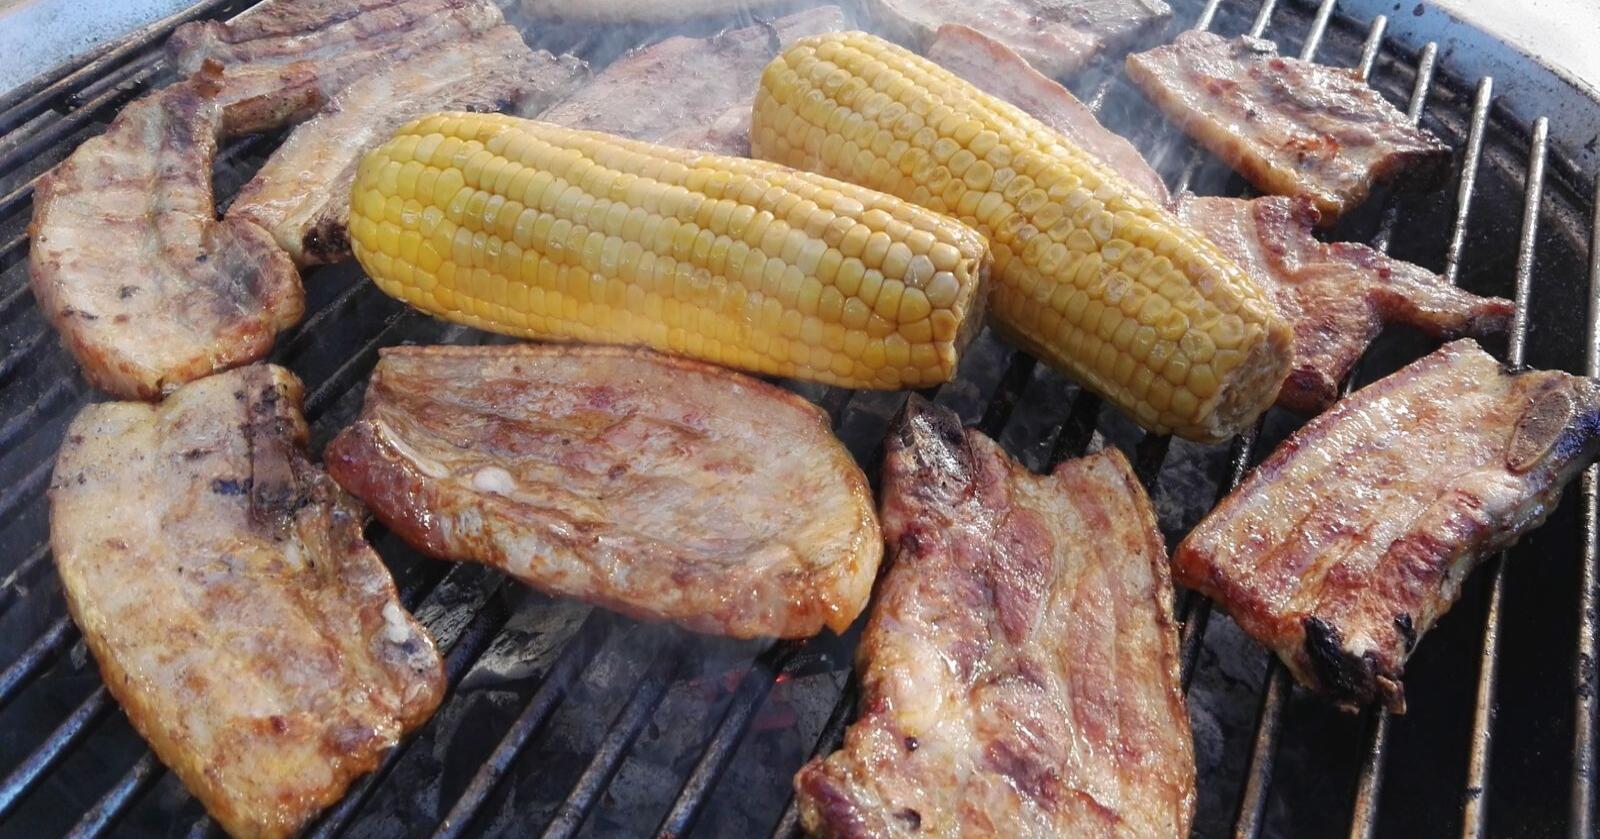 Kjøttforbruket er ganske stabilt, men har gått noe ned det siste året. (Foto: Stian Eide)